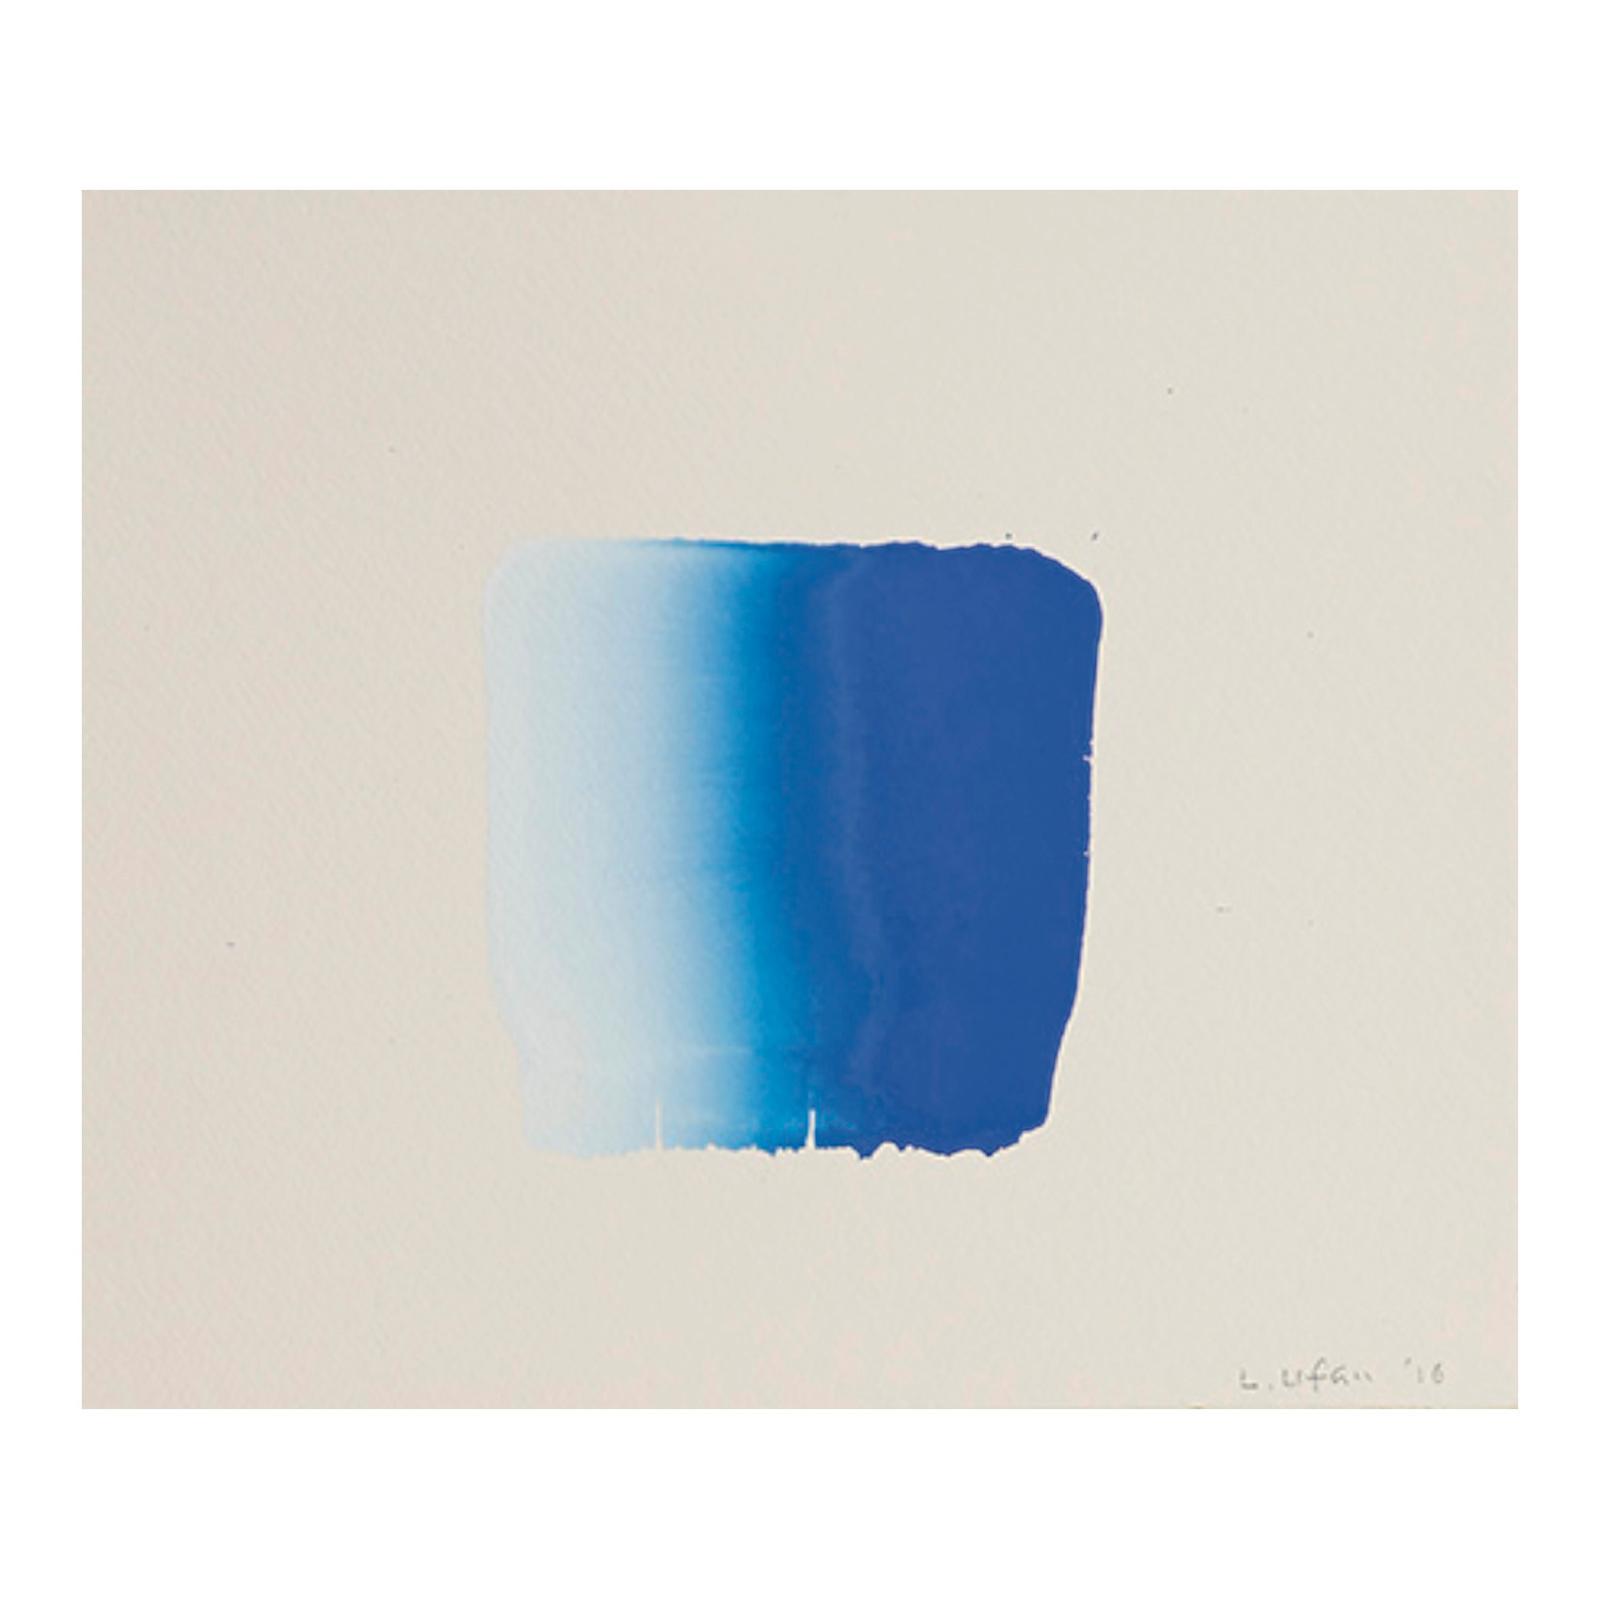 10483€ Lee Ufan(né en 1936), Dialogue bleu, 2016, aquarelle sur papier, signée et datée, 27x 30cm.Paris, 20octobre 2016. FauveParis